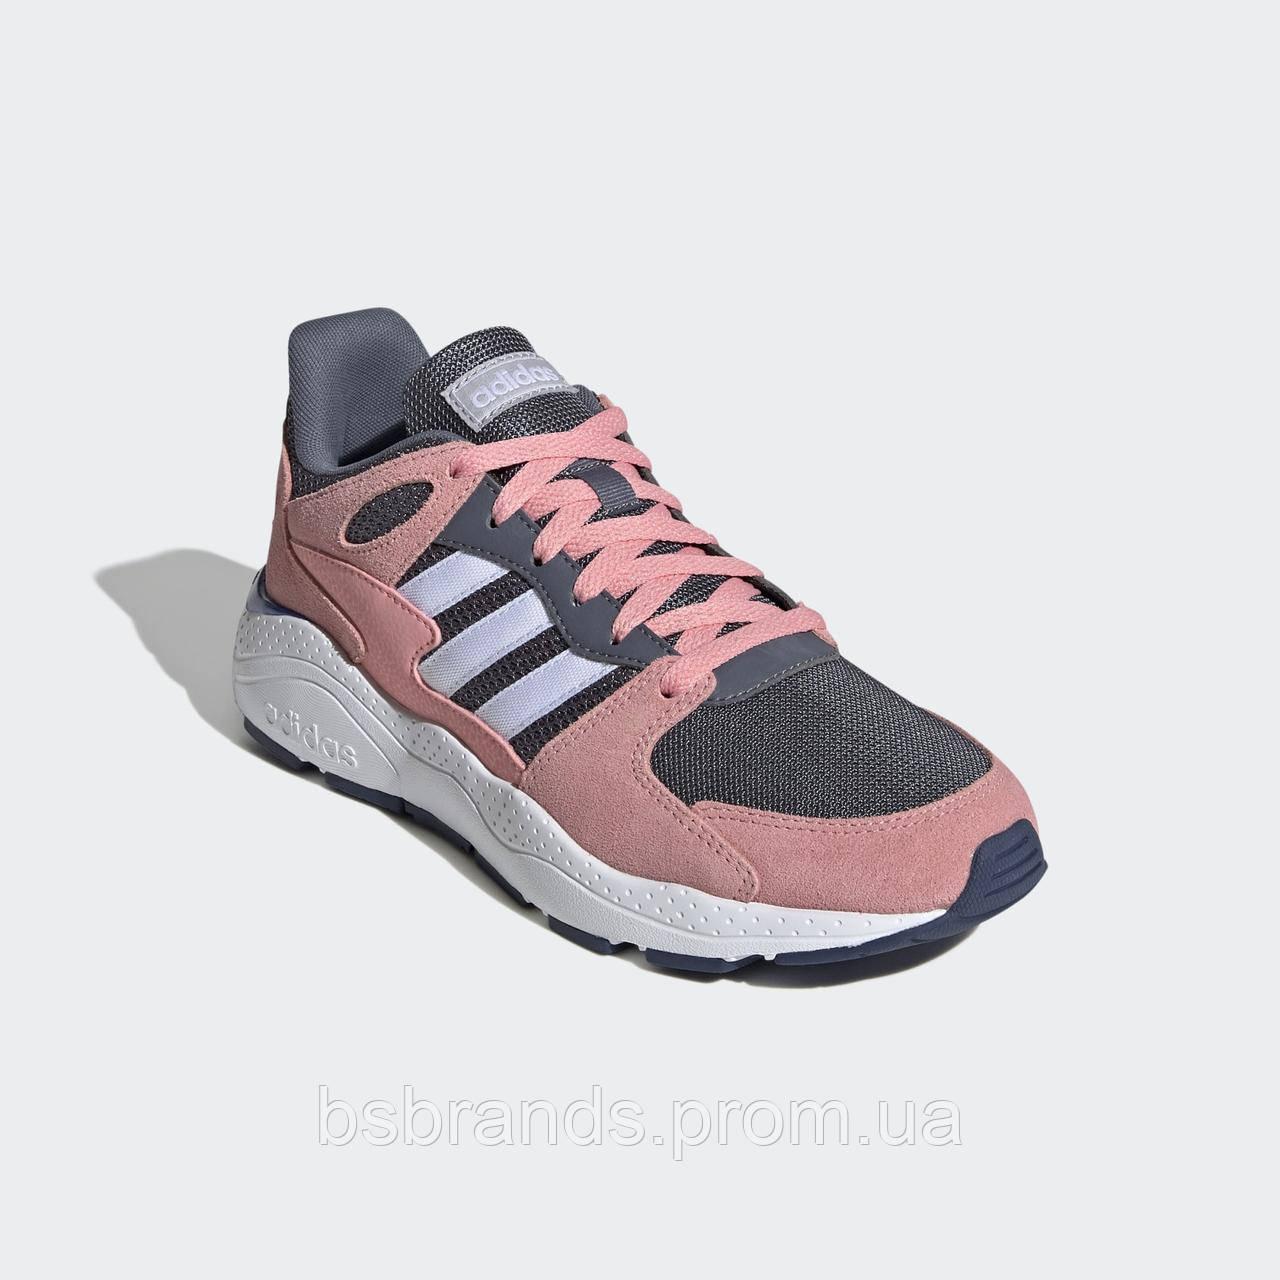 Женские кроссовки adidas Chaos EG8765